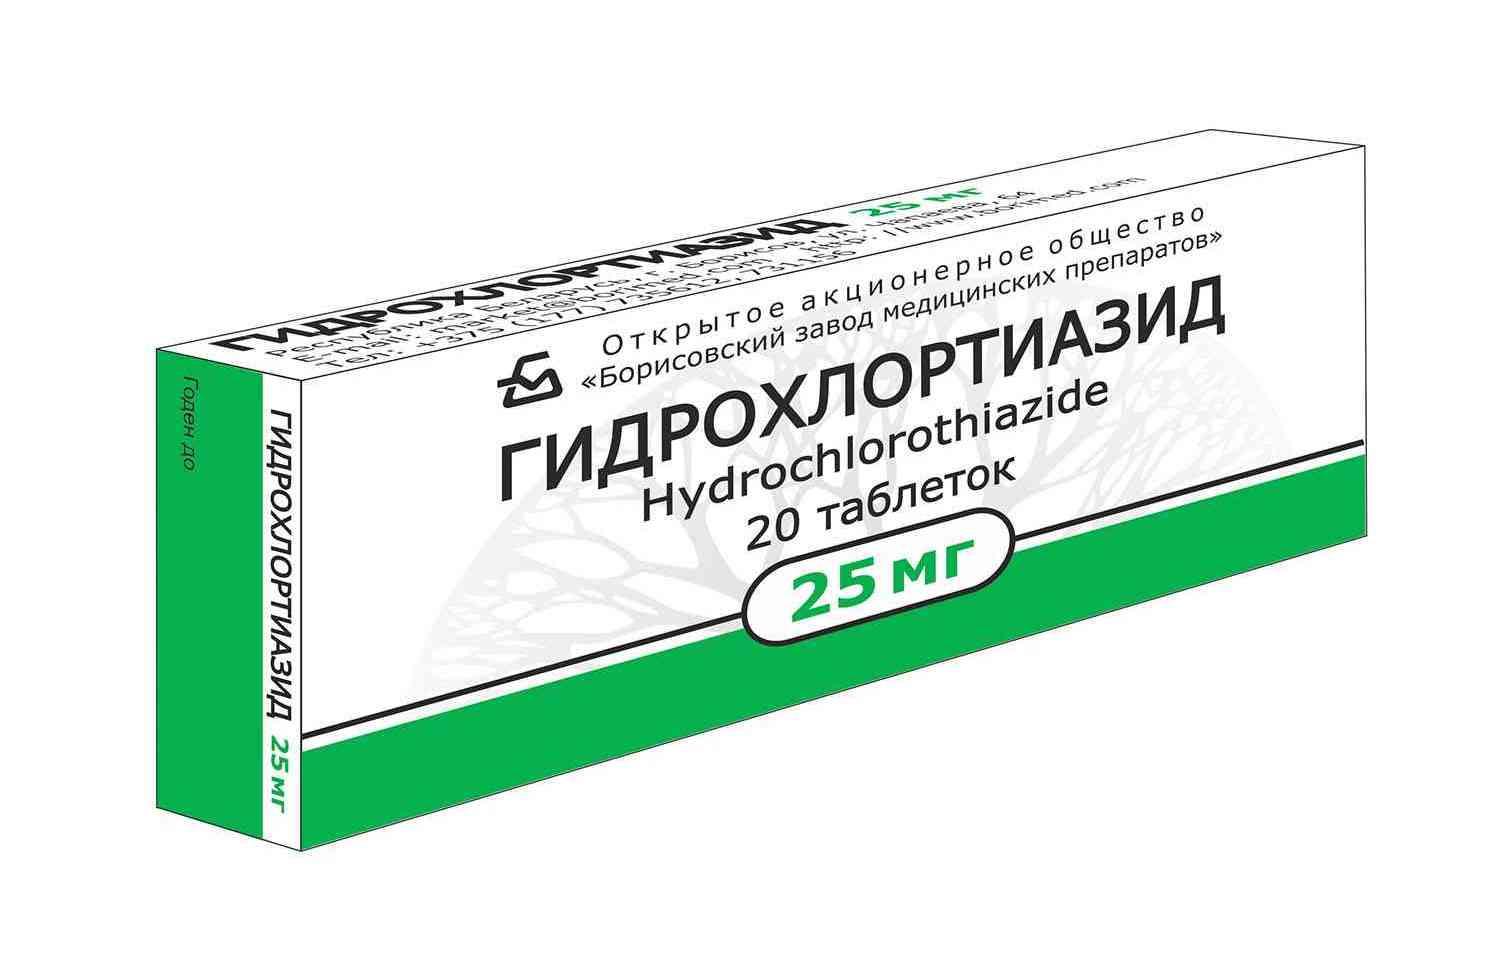 lehetséges-e megtagadni a magas vérnyomás elleni tablettákat